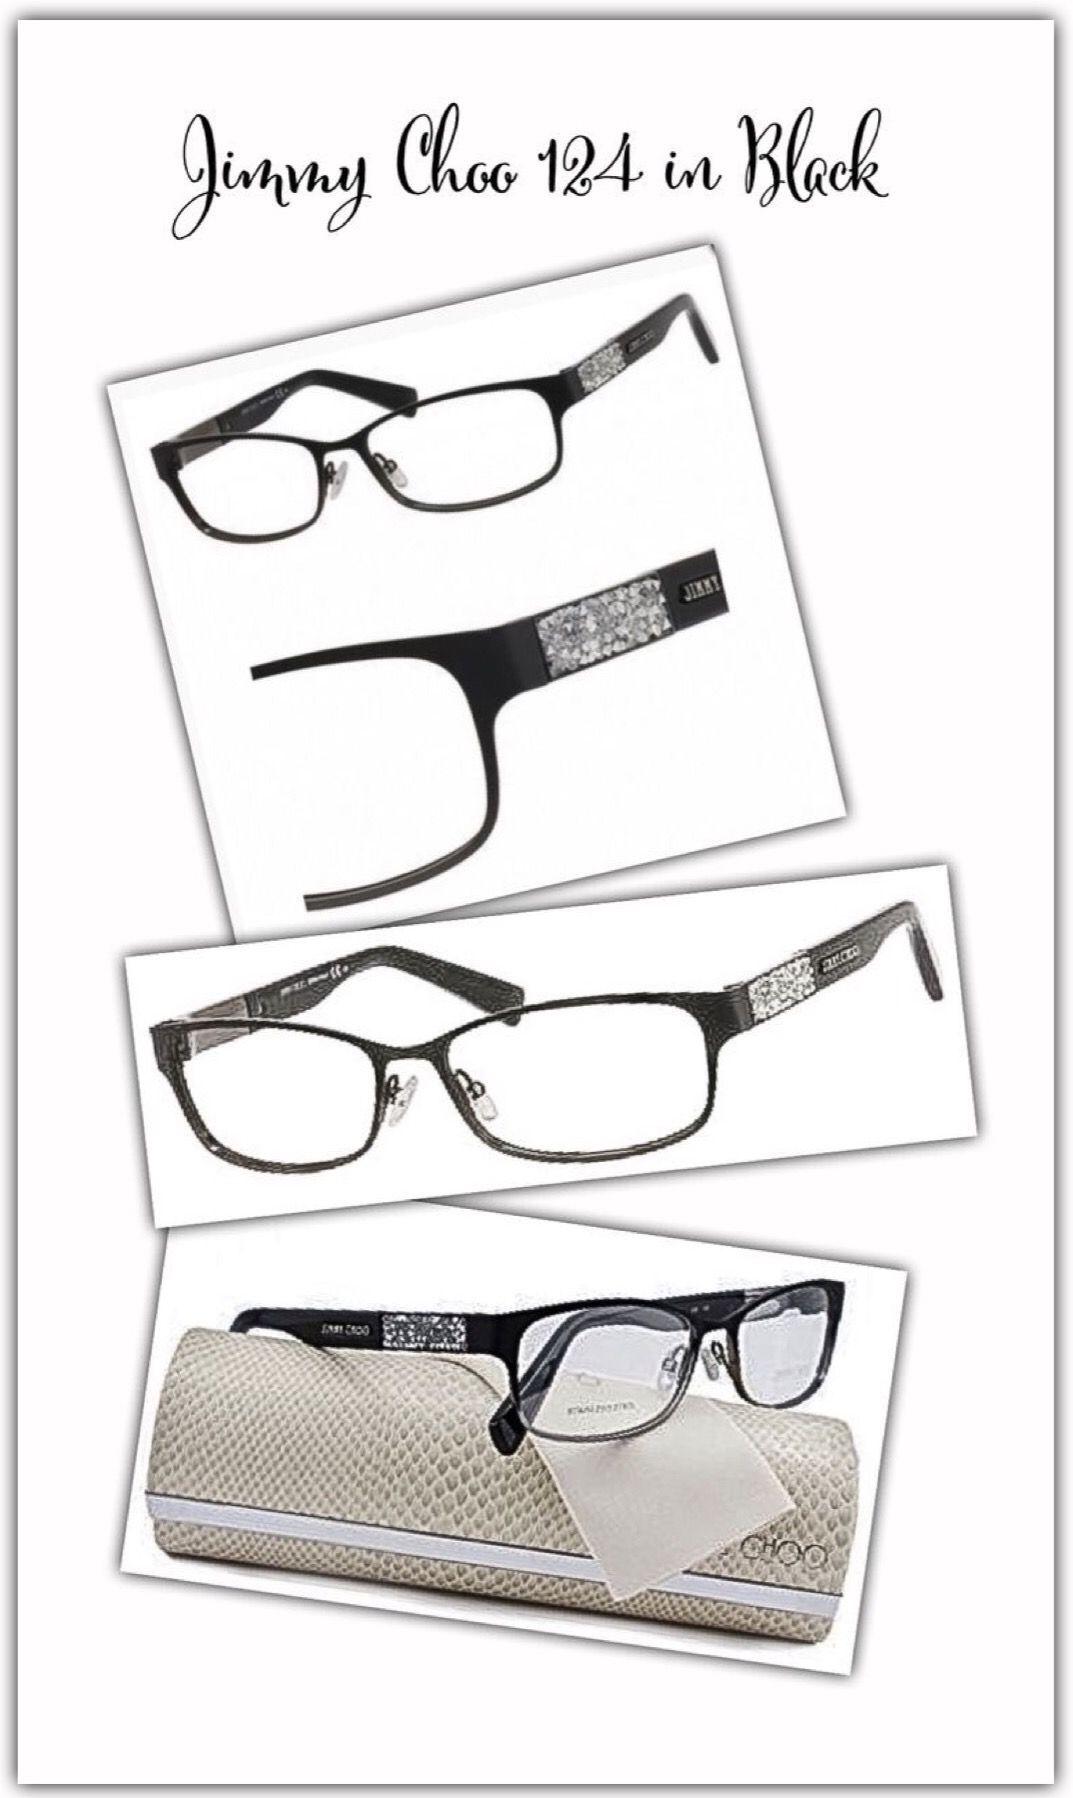 2590618a5f24 Eyeglass Frame 124 in Black